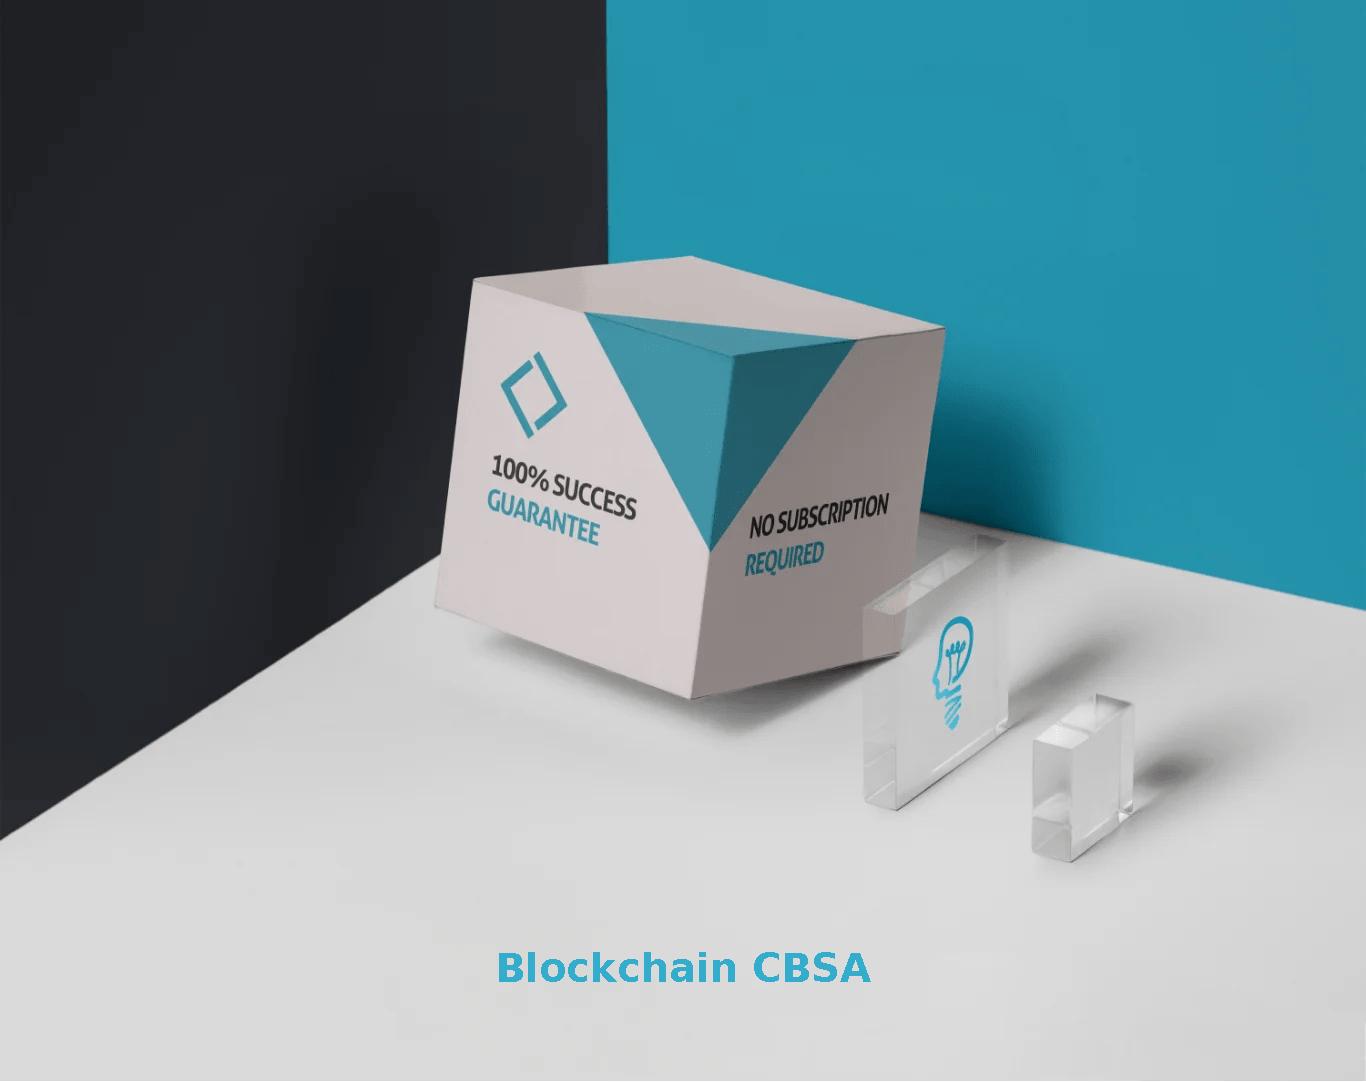 Blockchain CBSA Exams